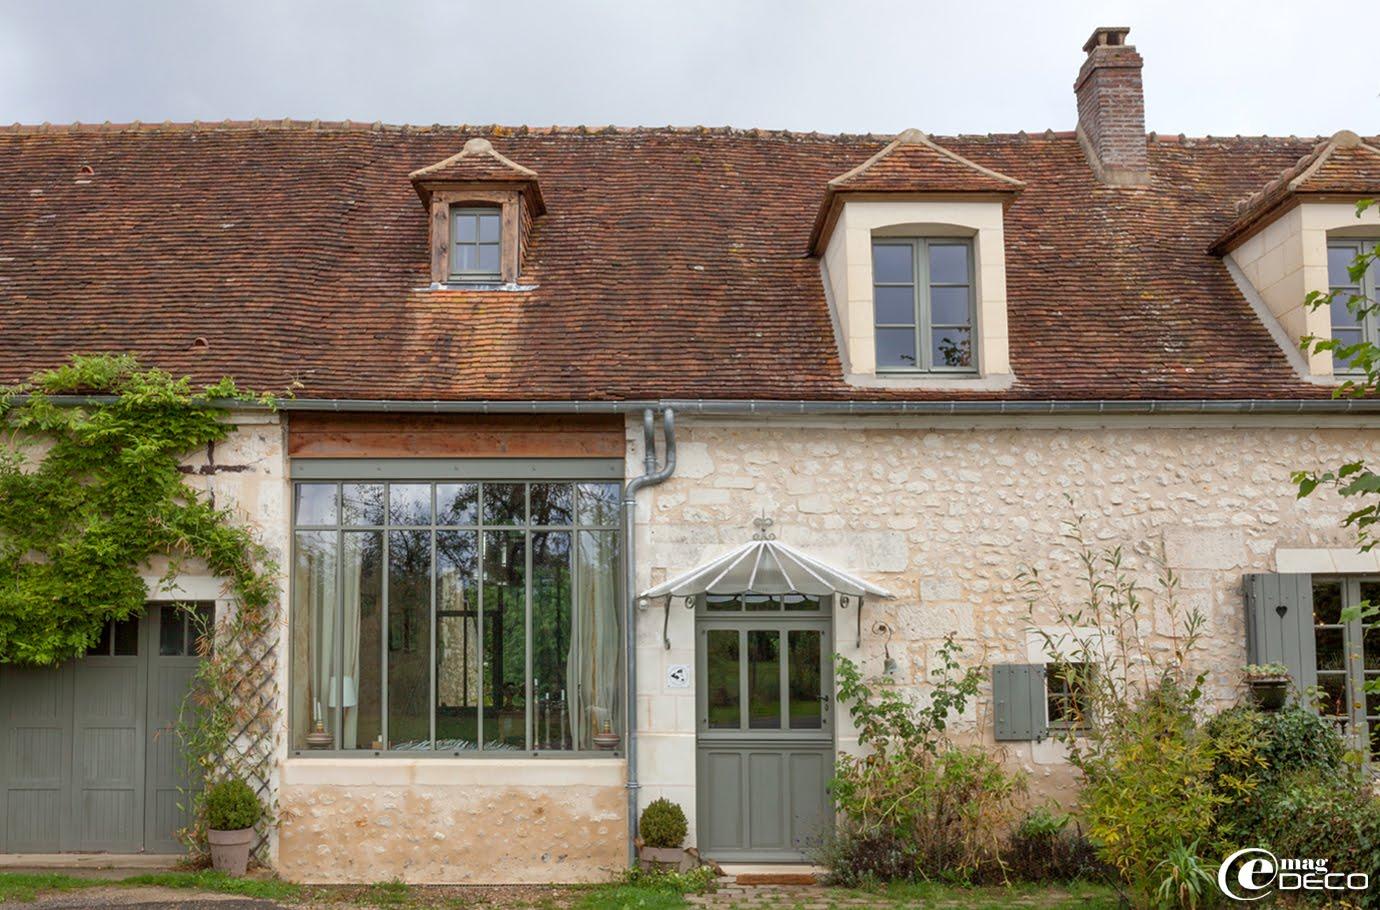 Decorer son Jardin Avec Des Pierres Frais La Maison D Hector E Magdeco Magazine De Décoration